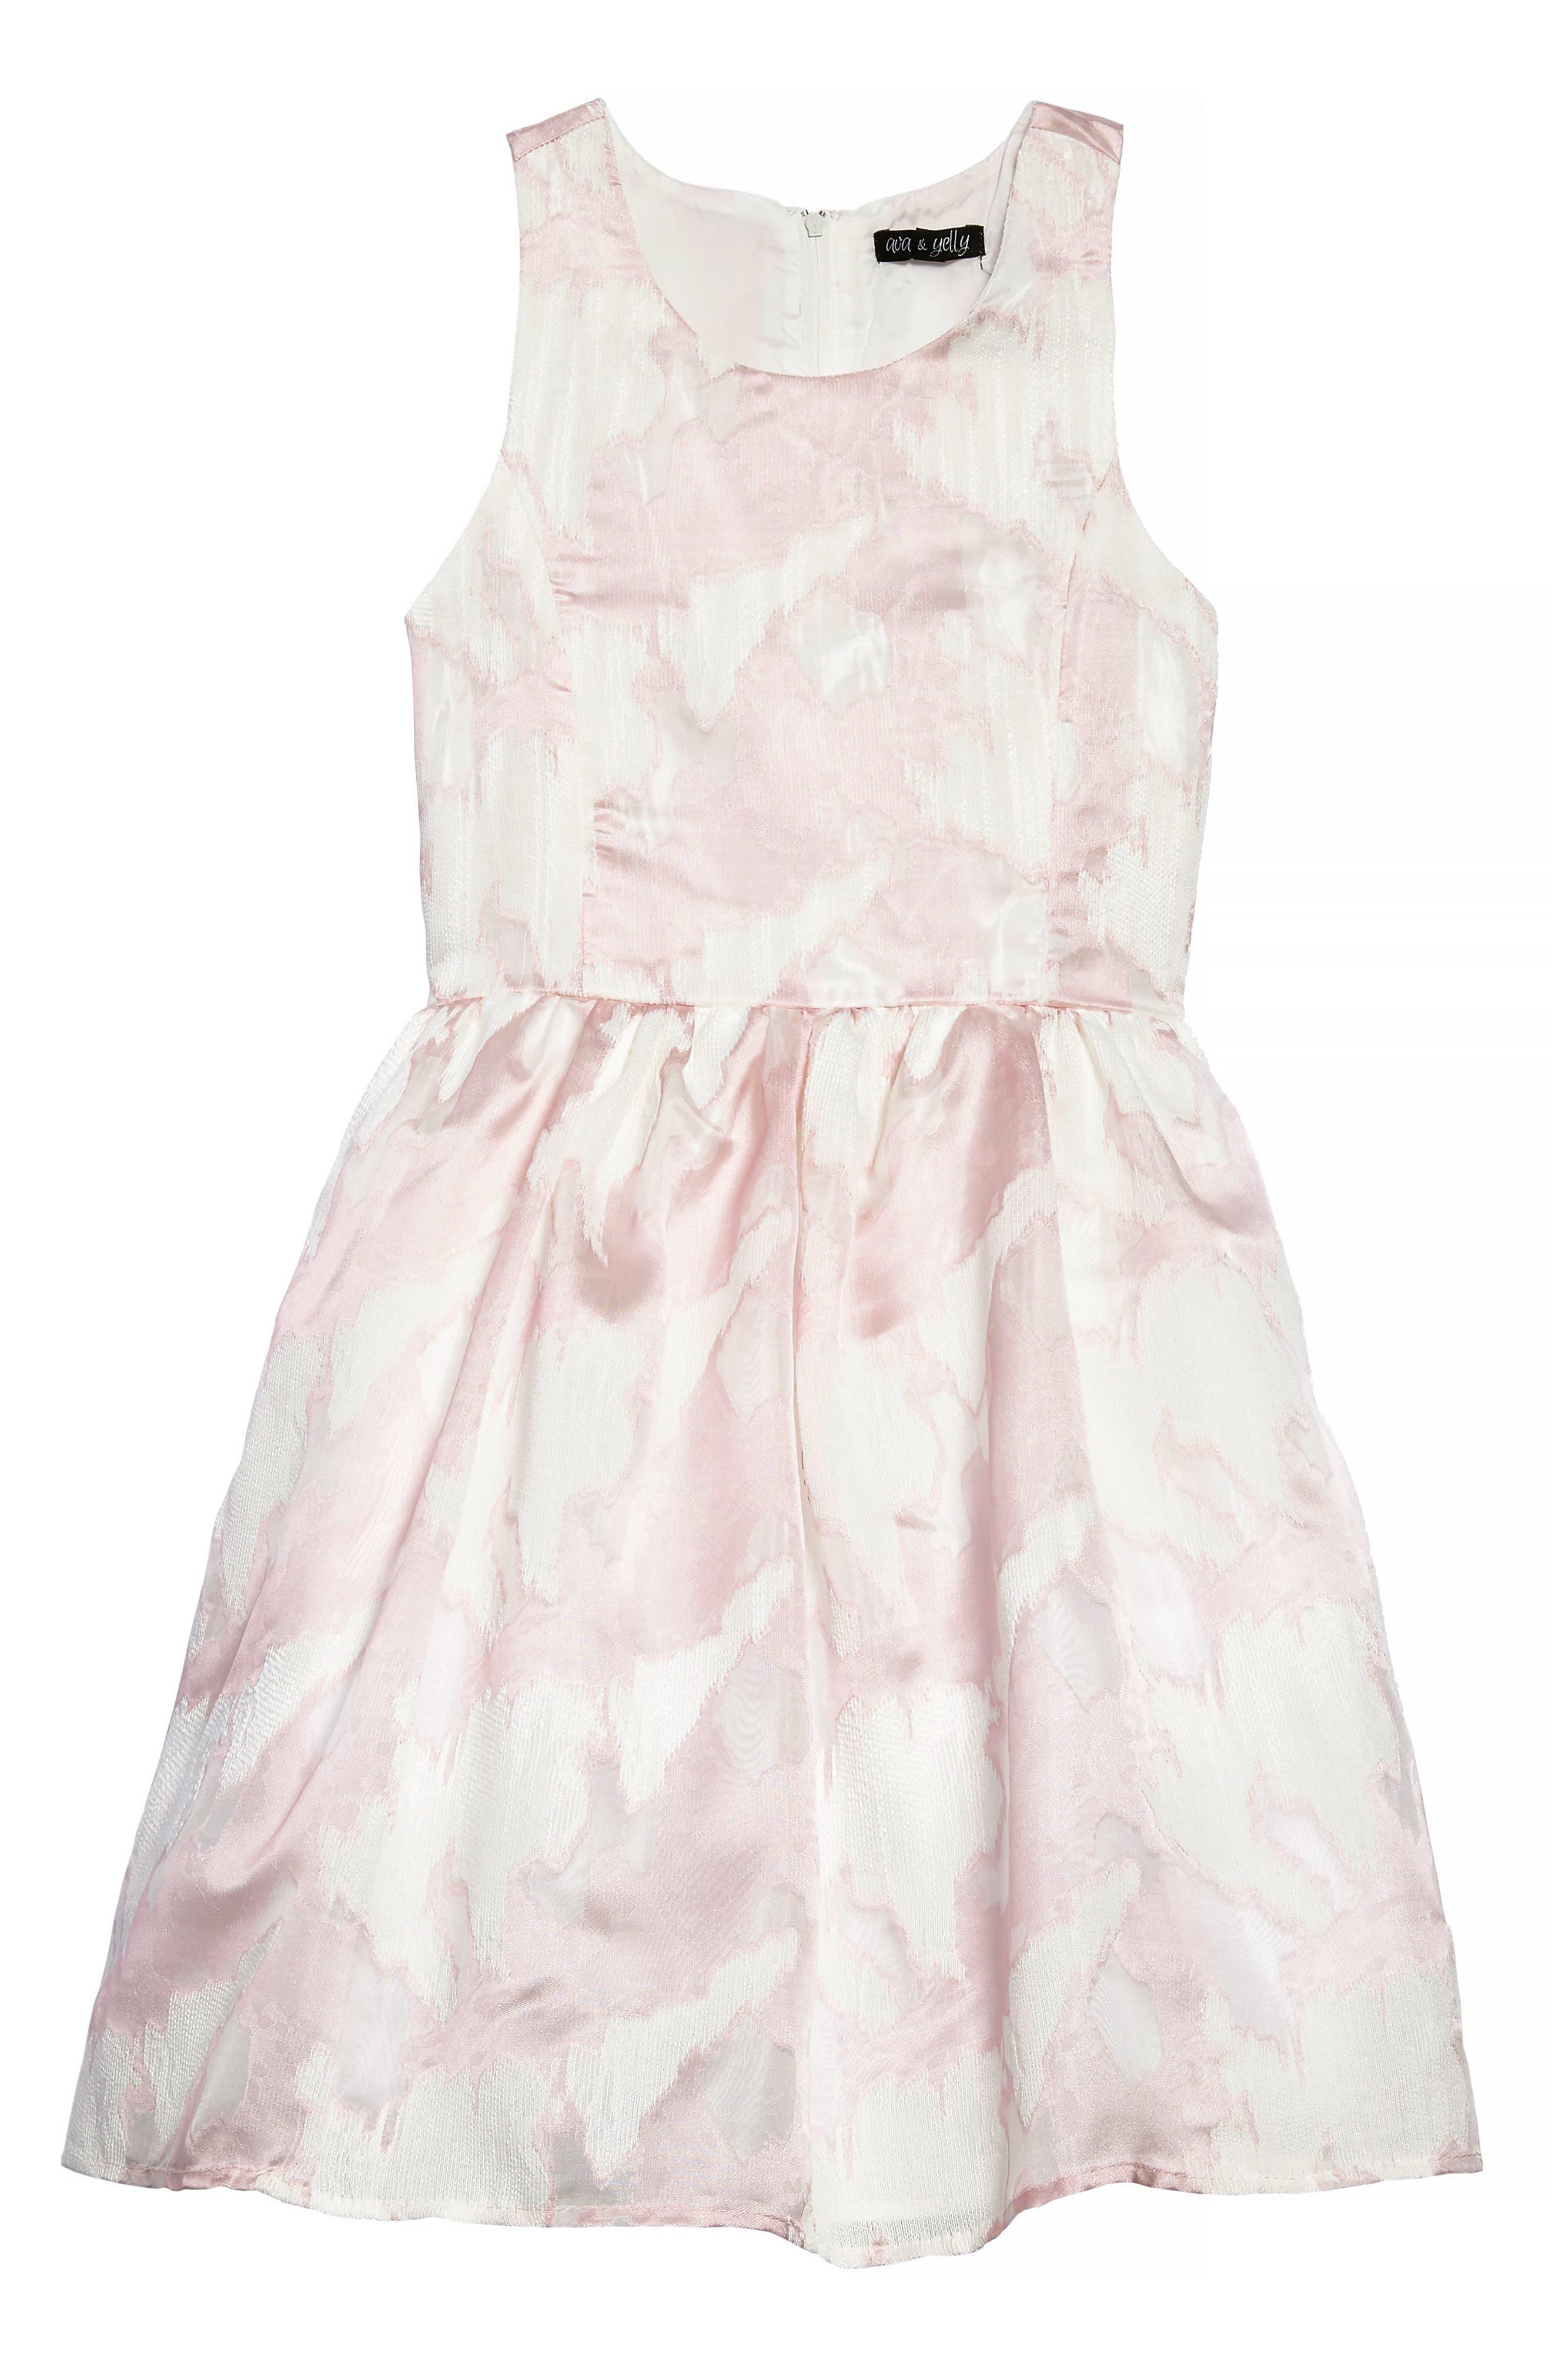 Ava & Yelly Chiffon Party Dress (Big Girls)